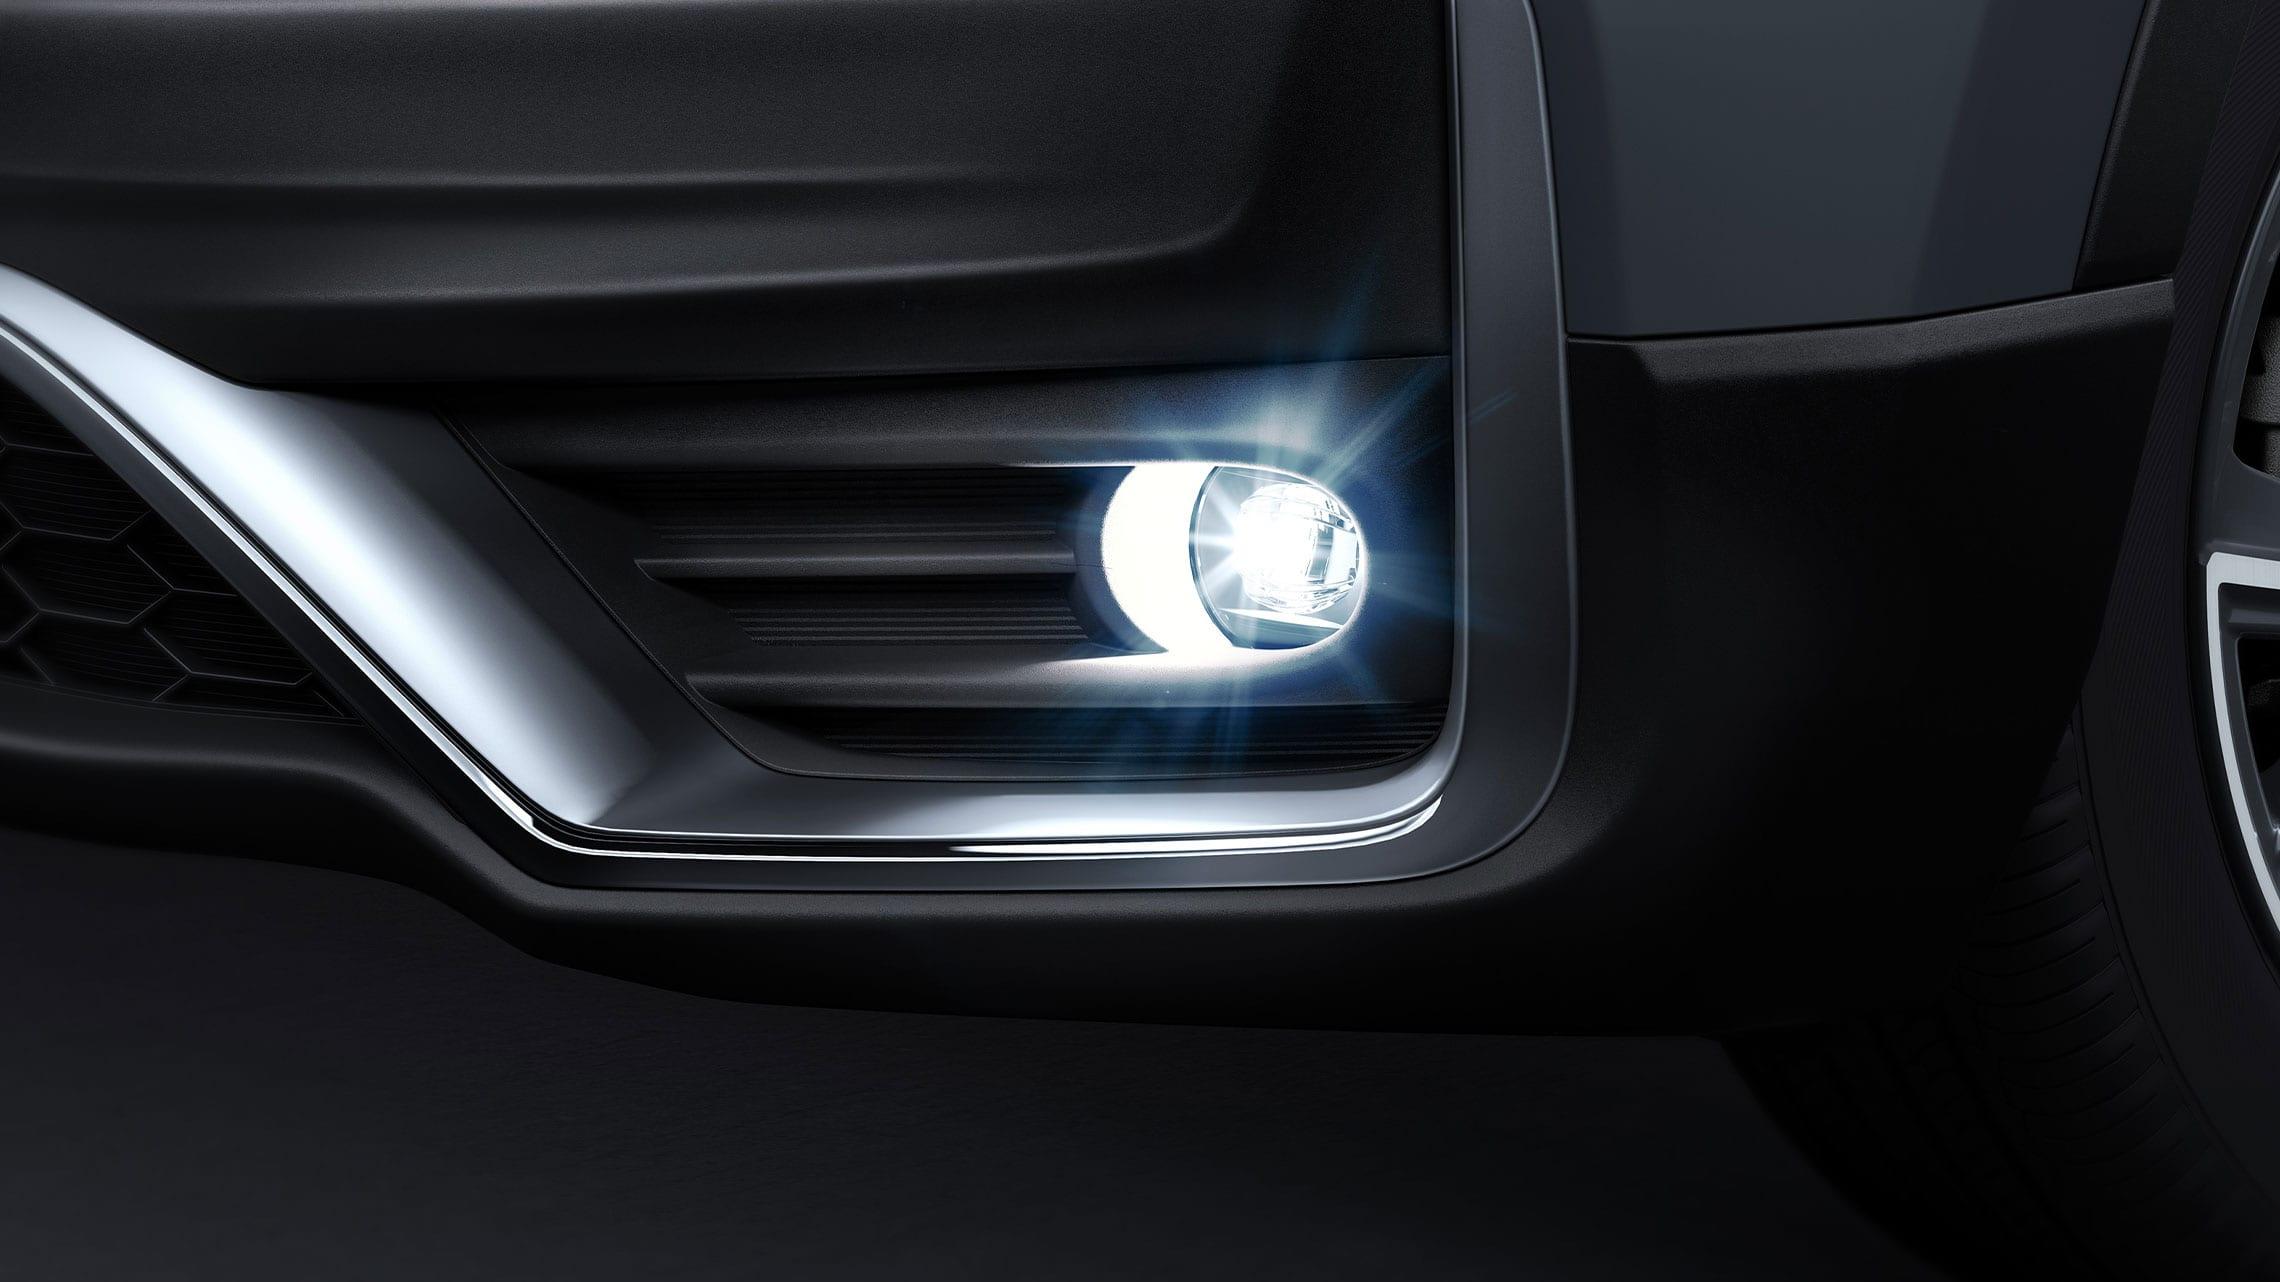 Toma detallada del faro antiniebla del lado del conductor en la Honda CR-V Touring2021 en Sonic Gray Pearl.